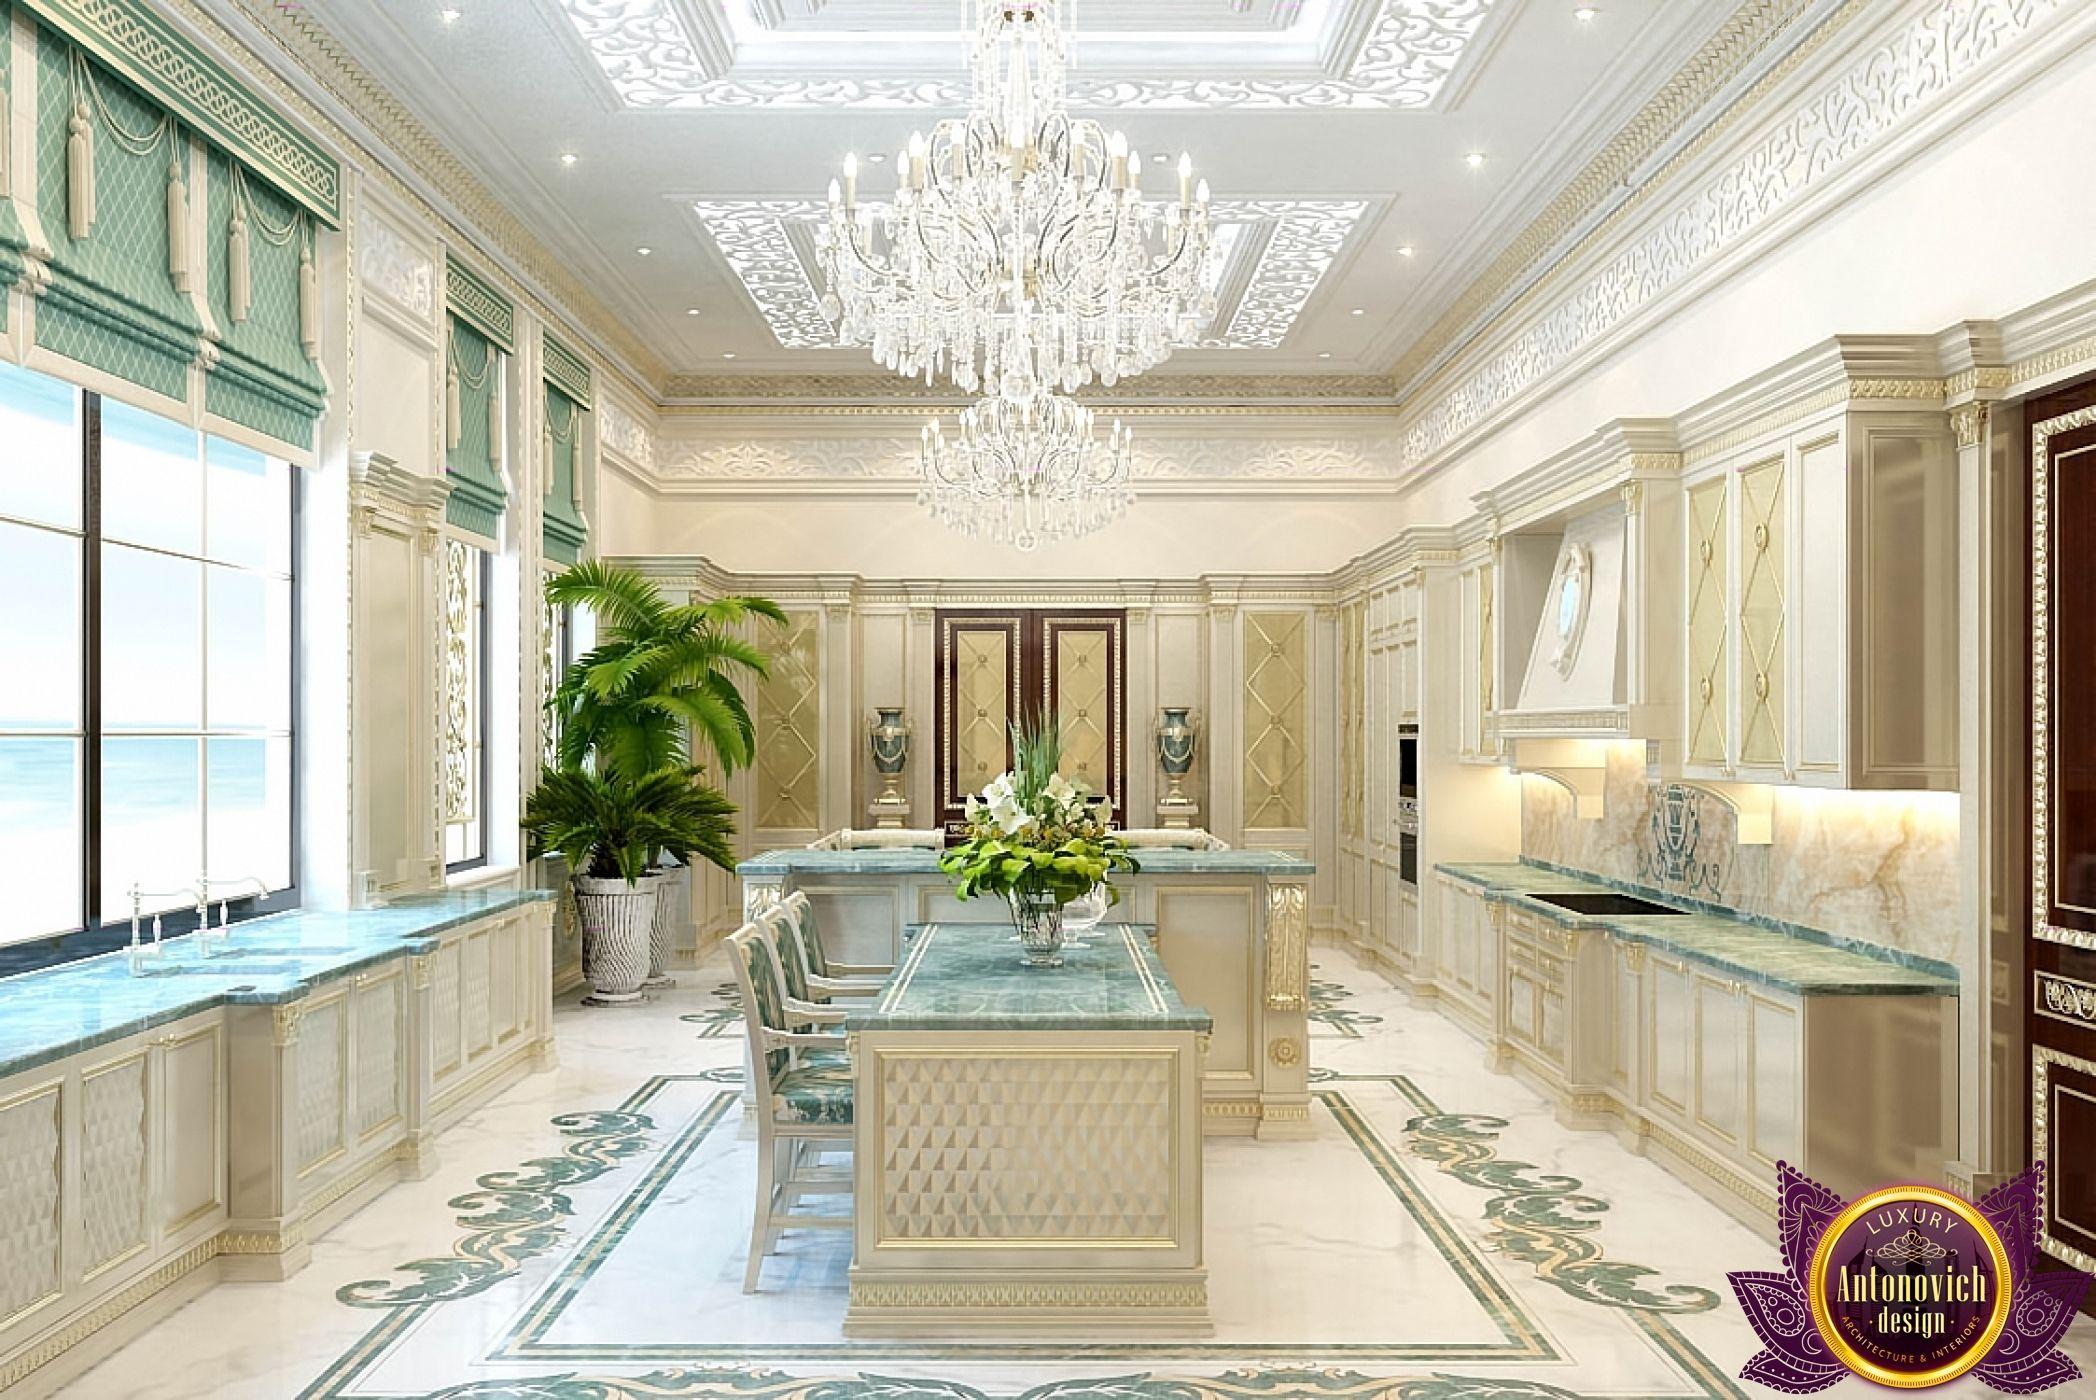 Best Kitchen Design In Dubai Luxury Kitchen Design Photo 1 640 x 480